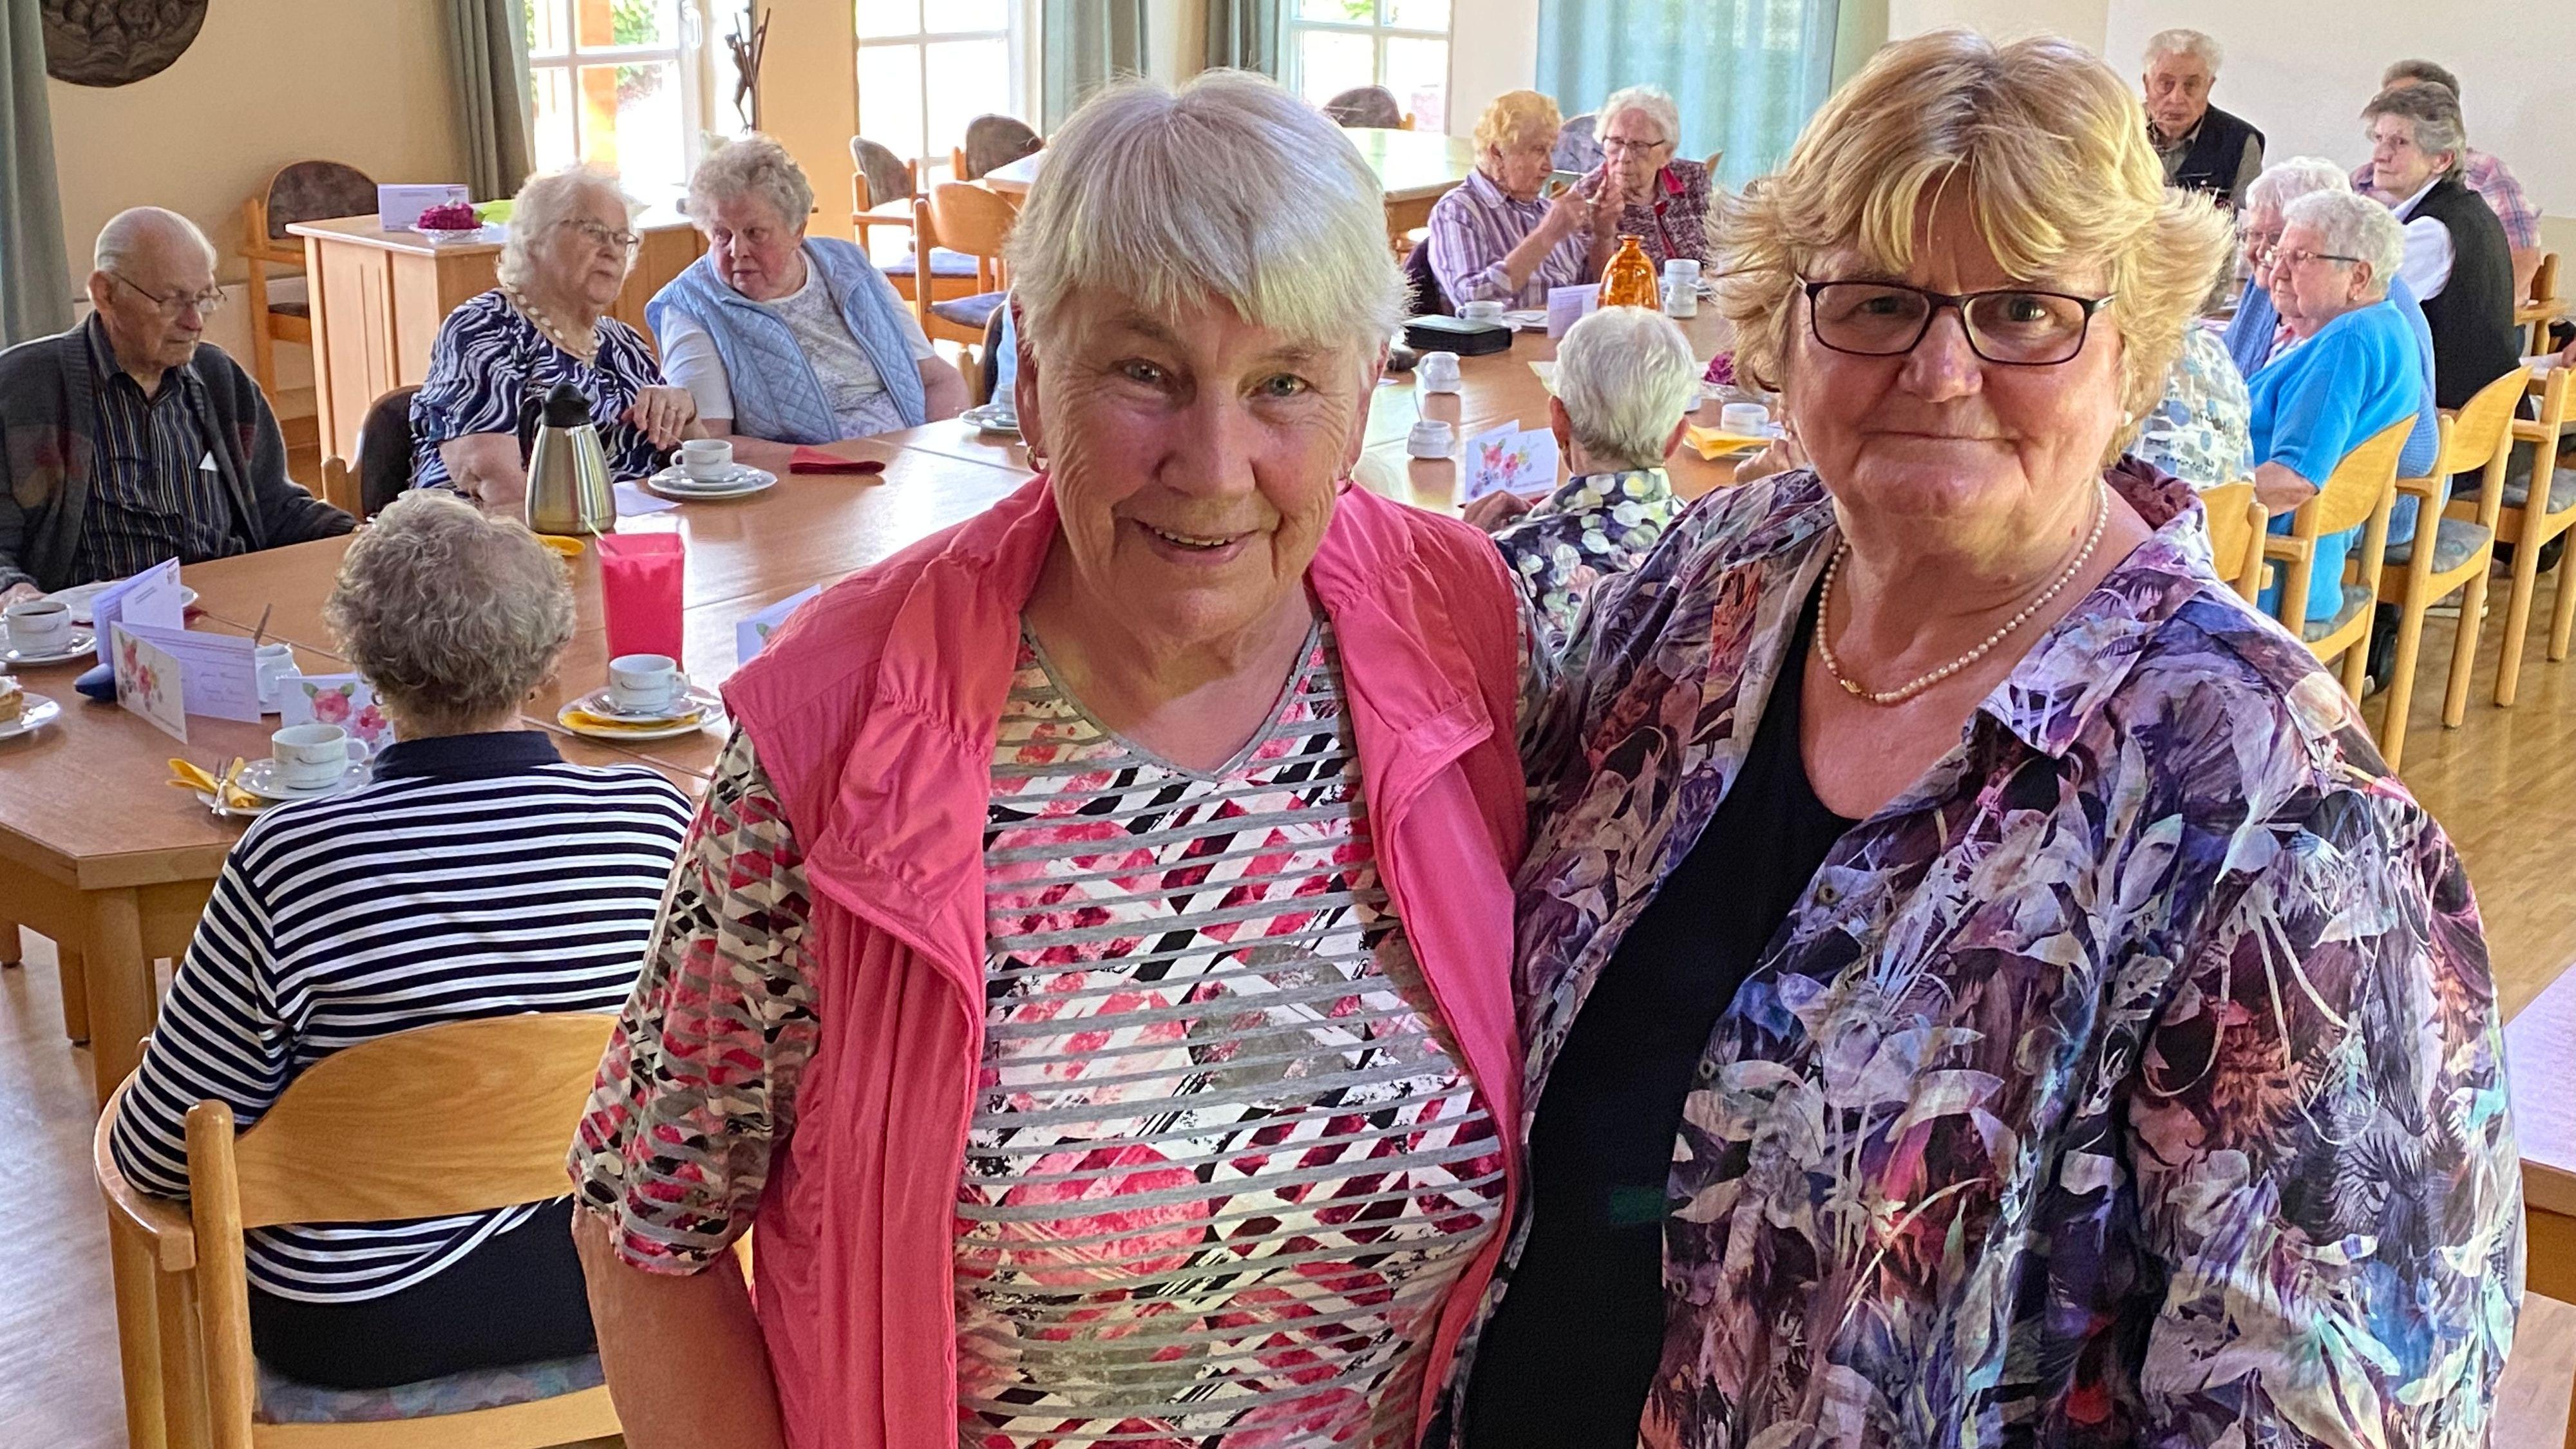 Stabwechsel: Maria Hömmen (links) gibt nach 30 Jahren die Leitung der Altenoyther Seniorengemeinschaft an Gerda Elsen-Dieckmann ab. Foto: Claudia Wimberg